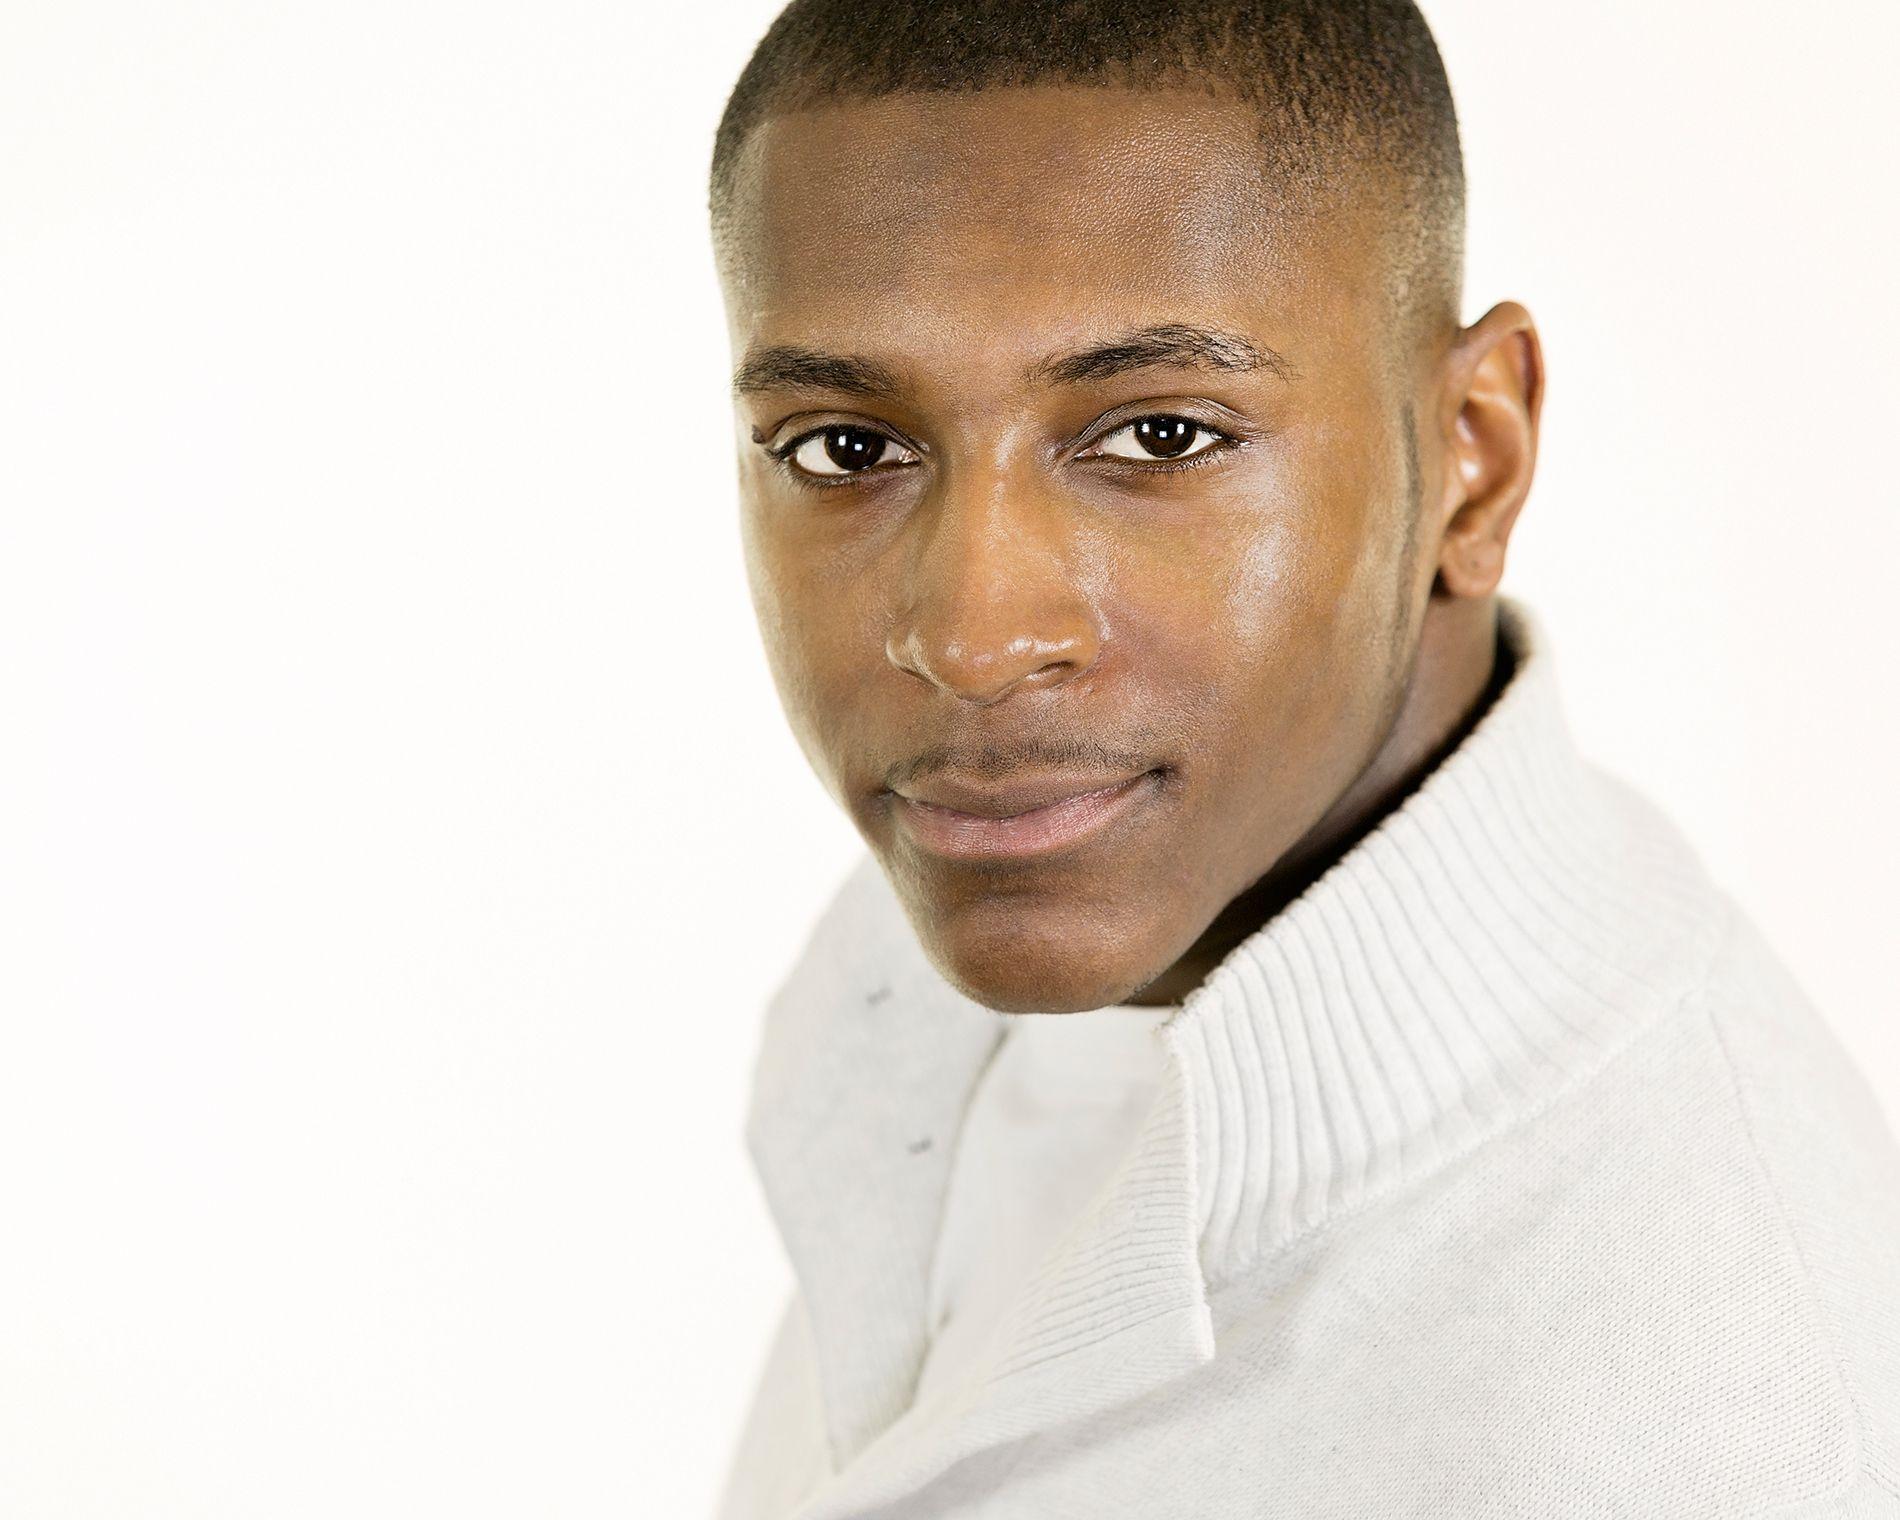 Mens haircut st louis headshot portrait facebookkmphotographylondon